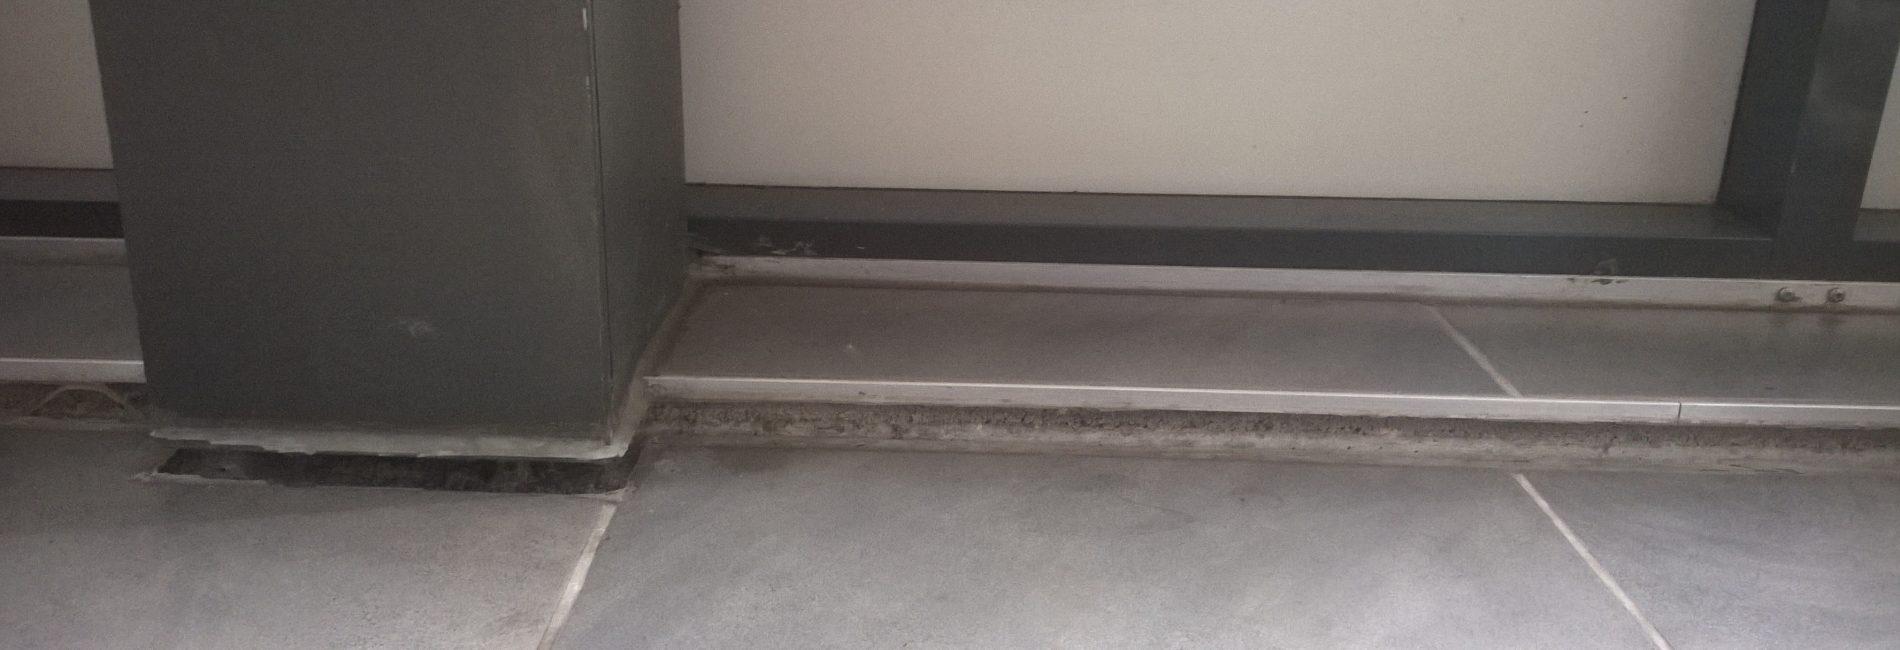 Kantinevloer liften